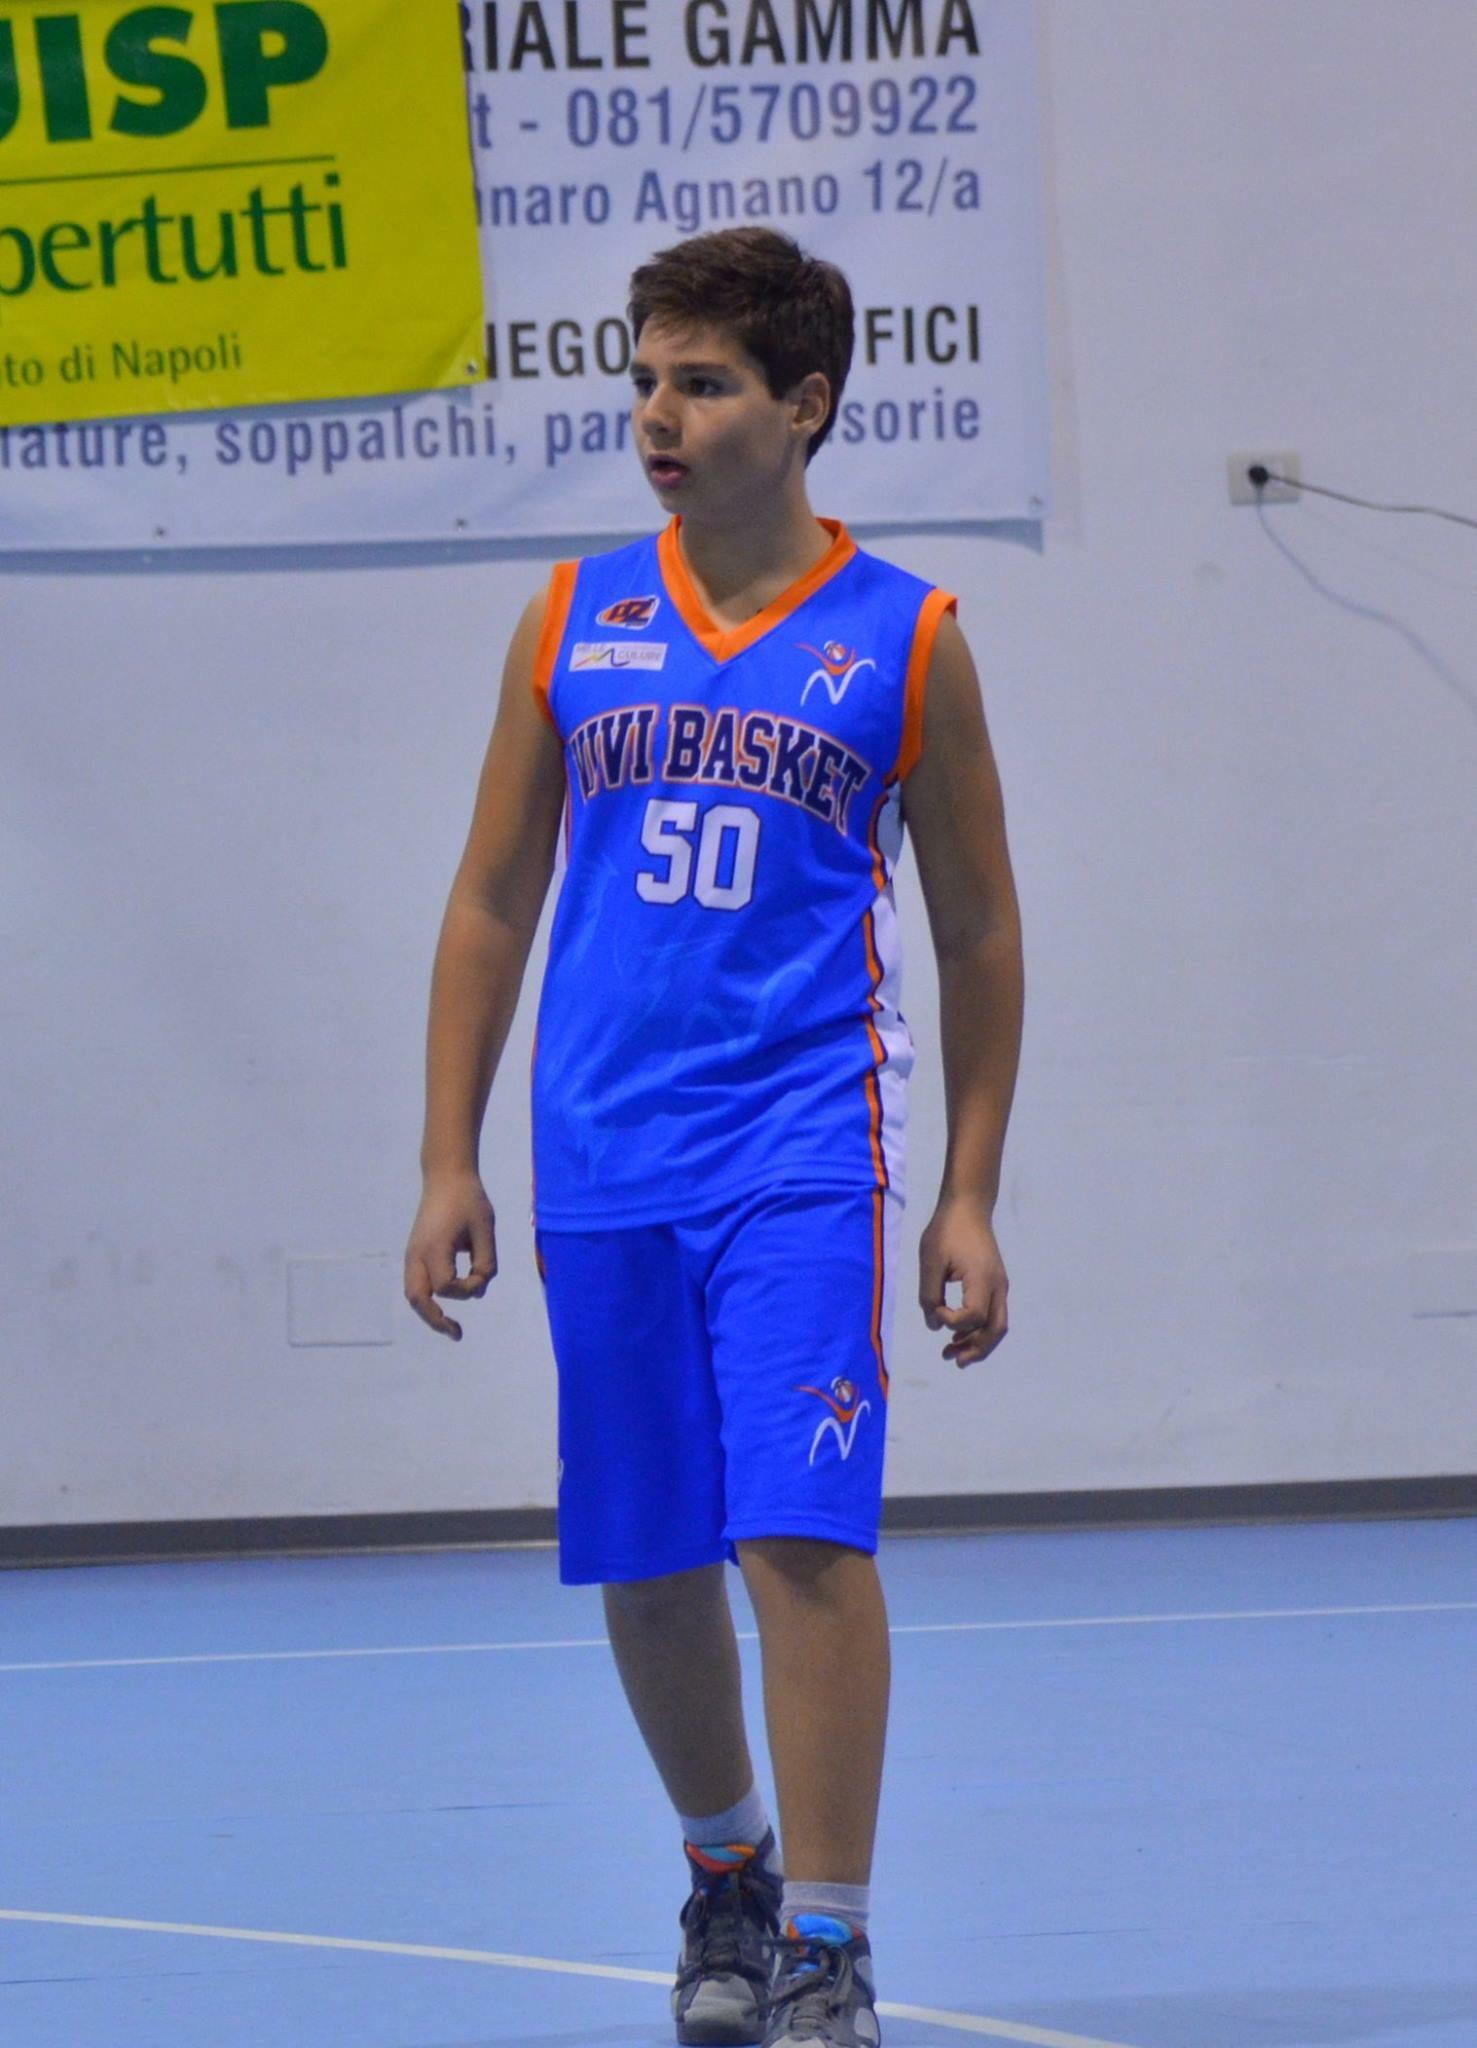 Under 13 Elite: Vivi Basket corsara al PalaMaggiò